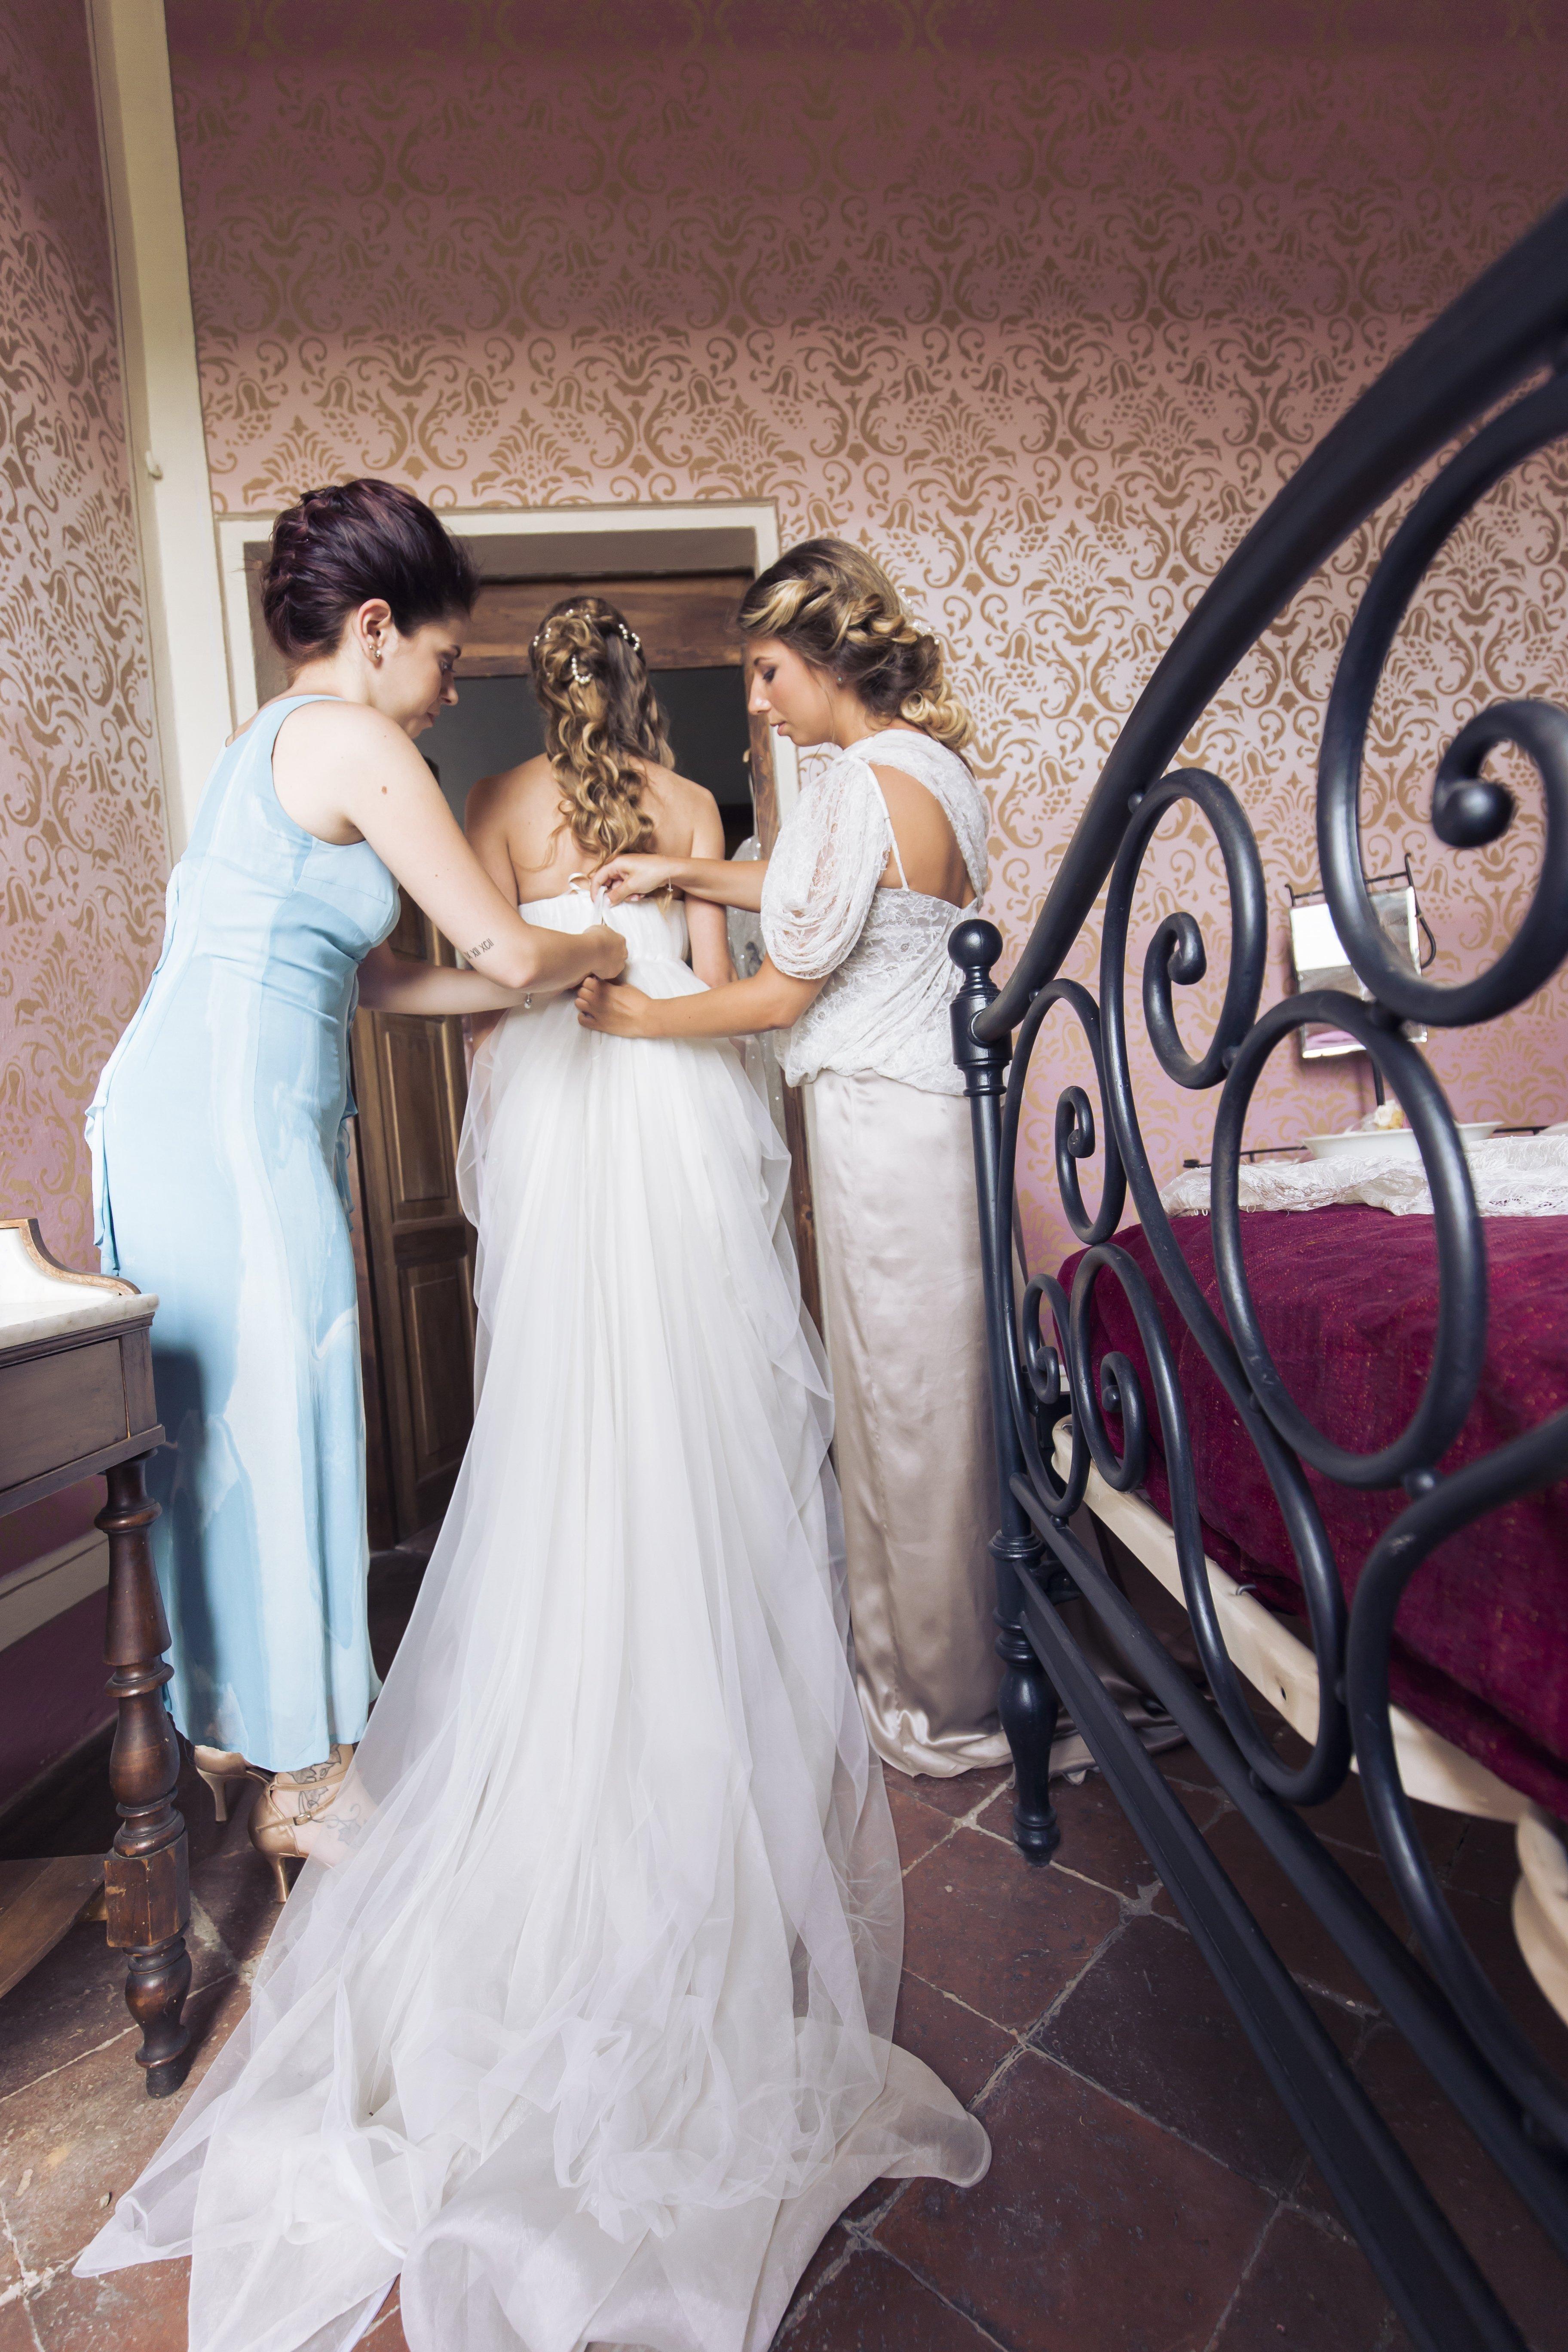 vestizione e preparazione vestito per spose a Imola, BO